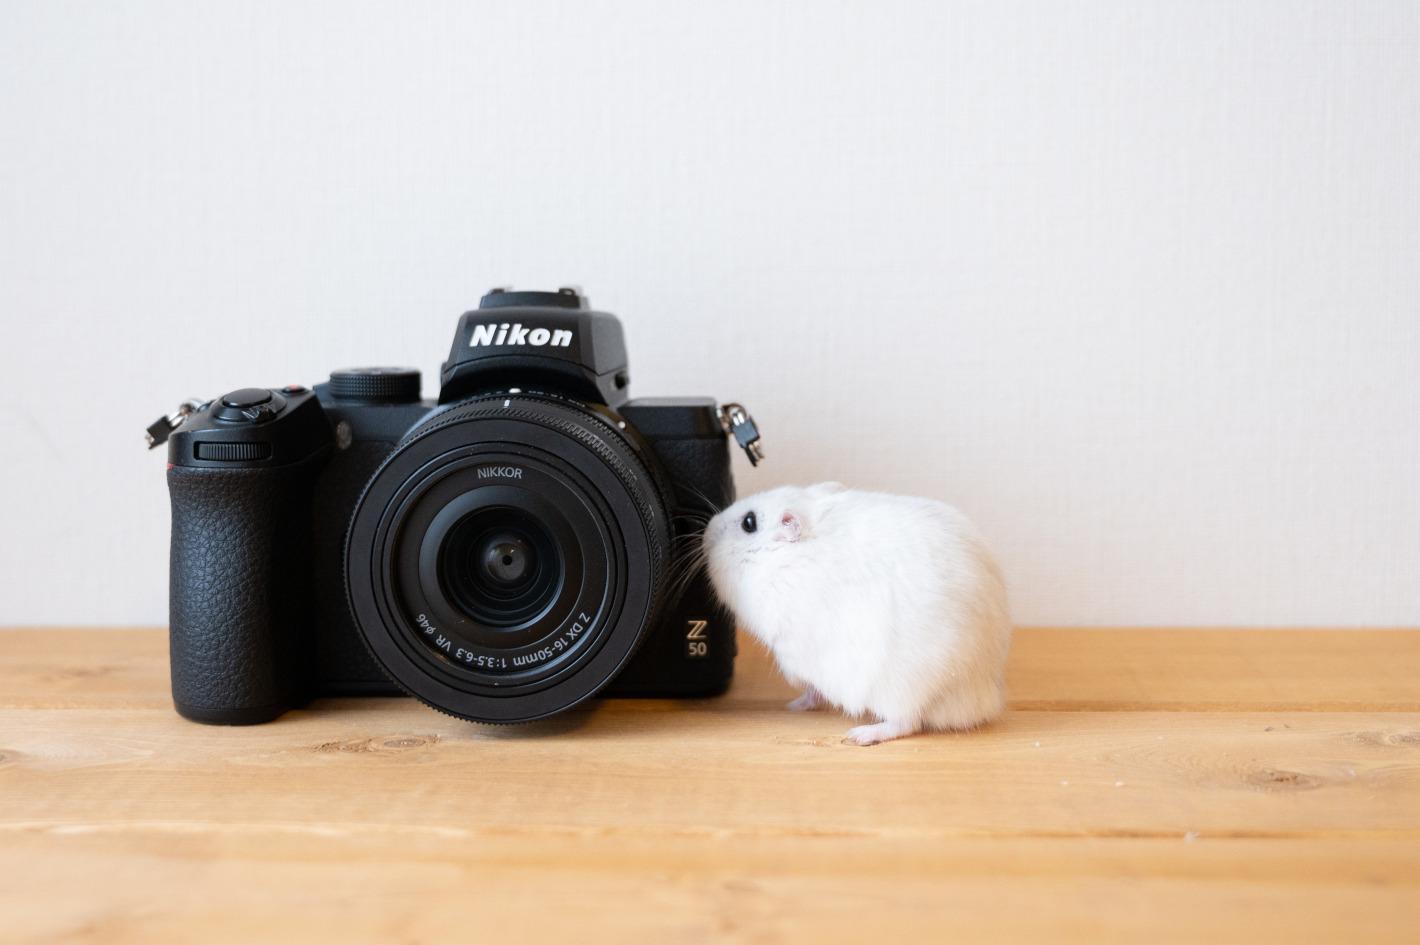 お気に入りのカメラと一緒だと毎日がもっと楽しい!9人の写真家が感じたZの魅力